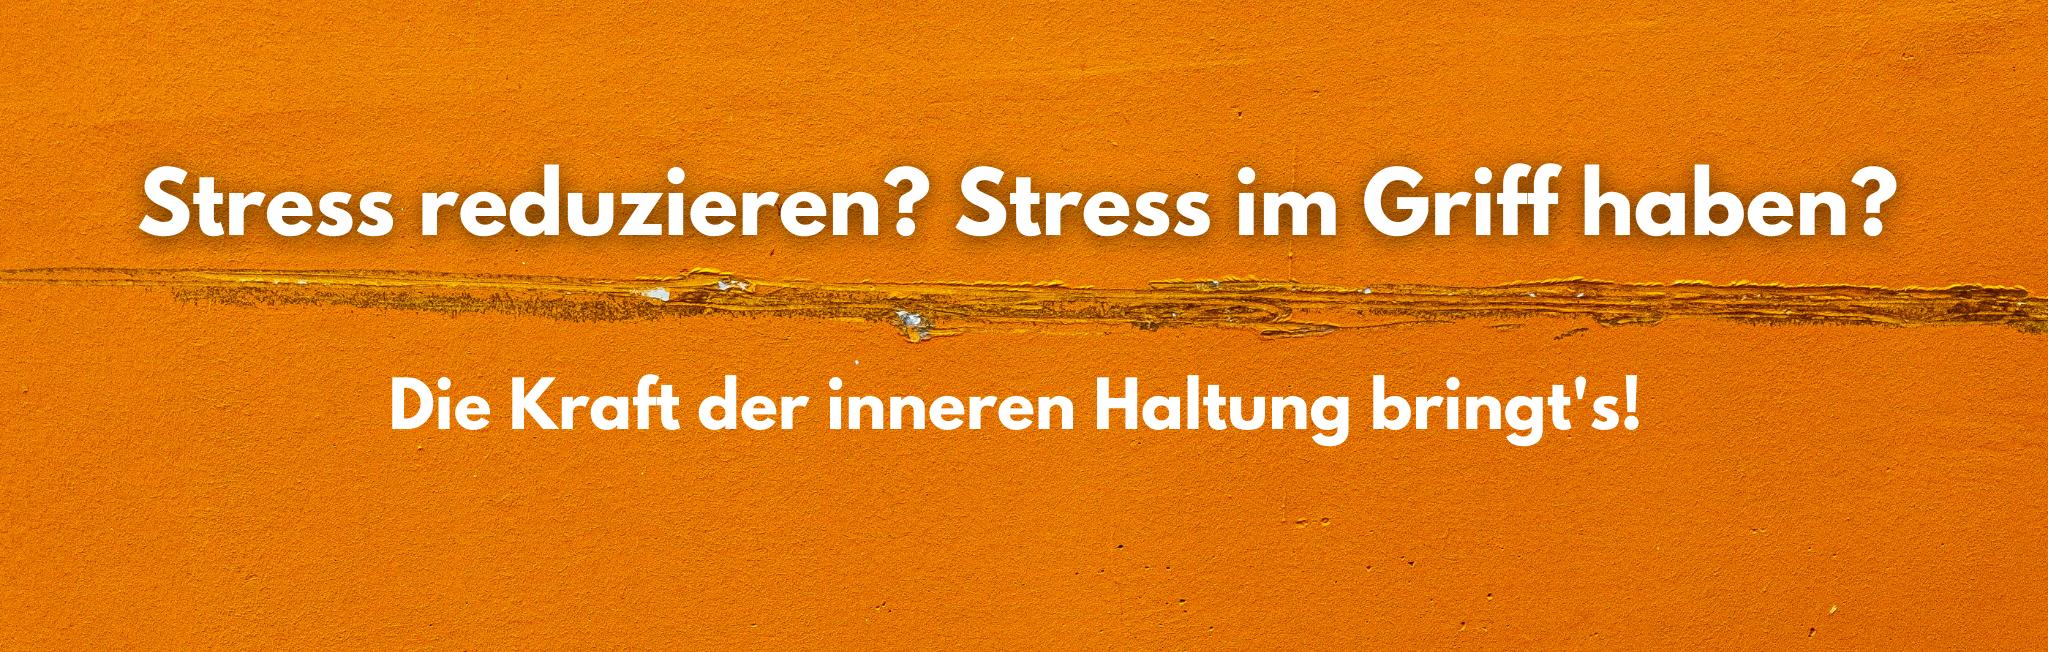 Wie die innere Haltung hilft, Stress zu reduzieren, erfährst du hier.